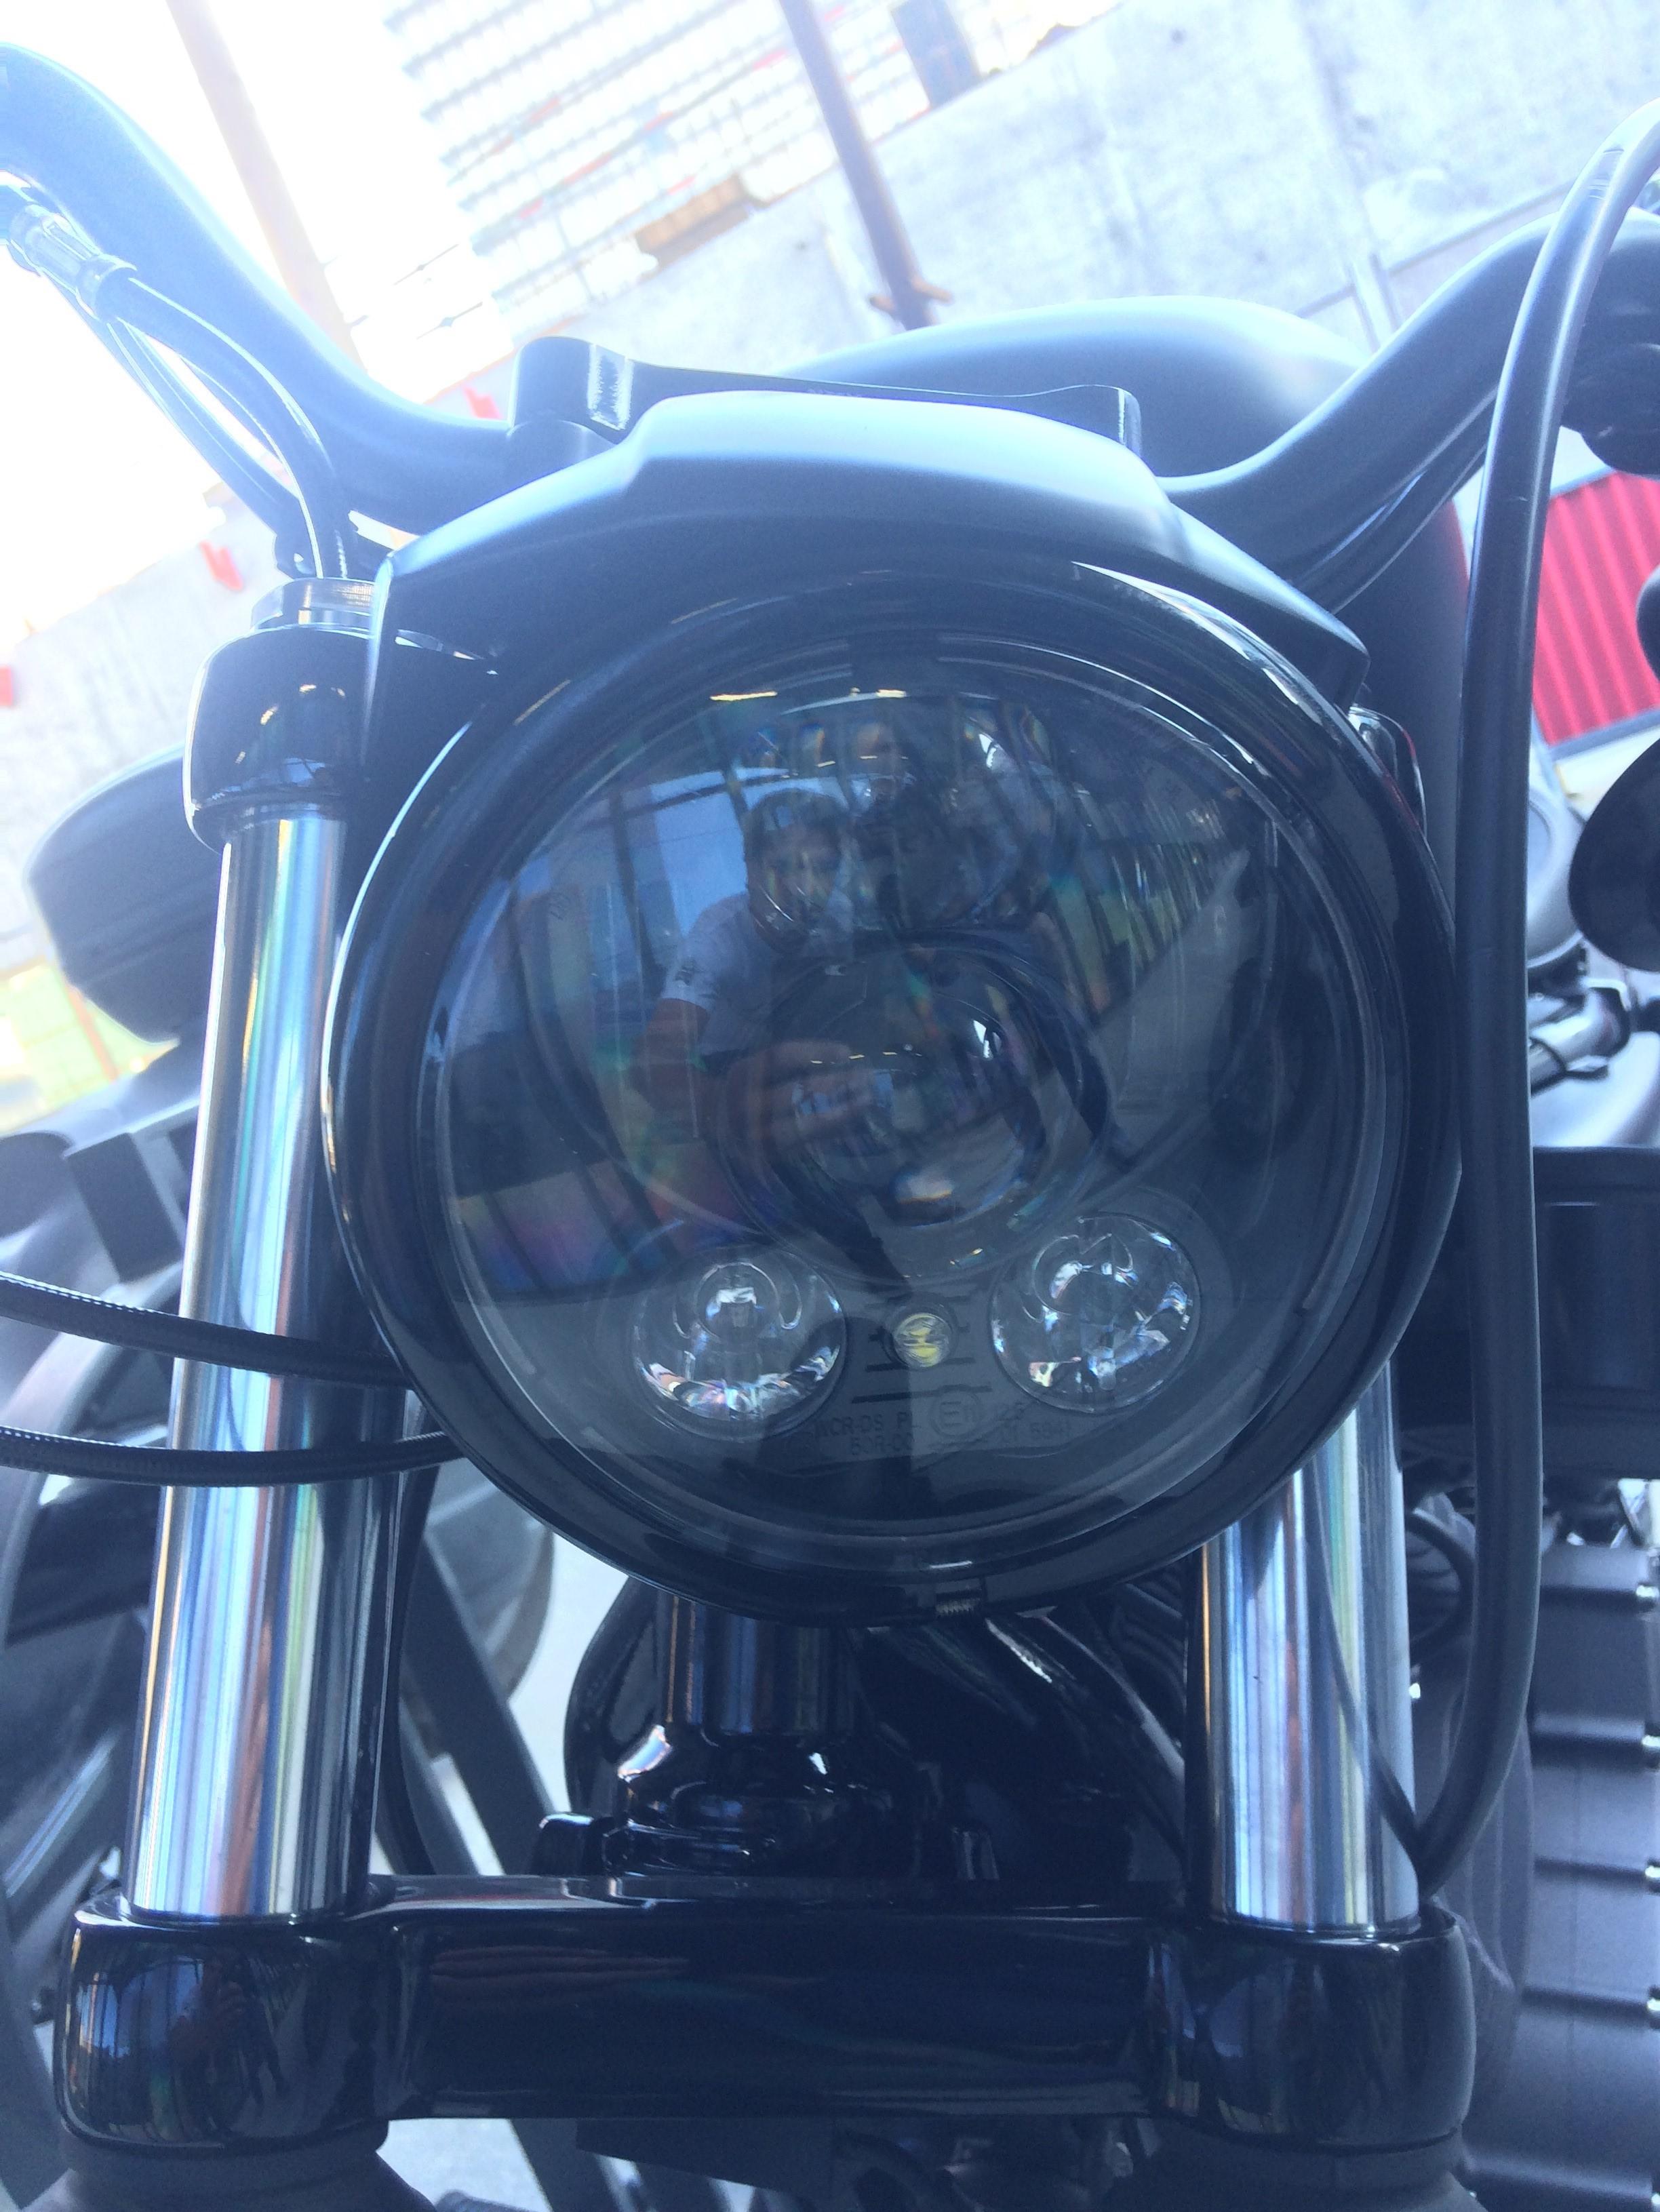 cerclage de phare noir Sportster Harley Davidson